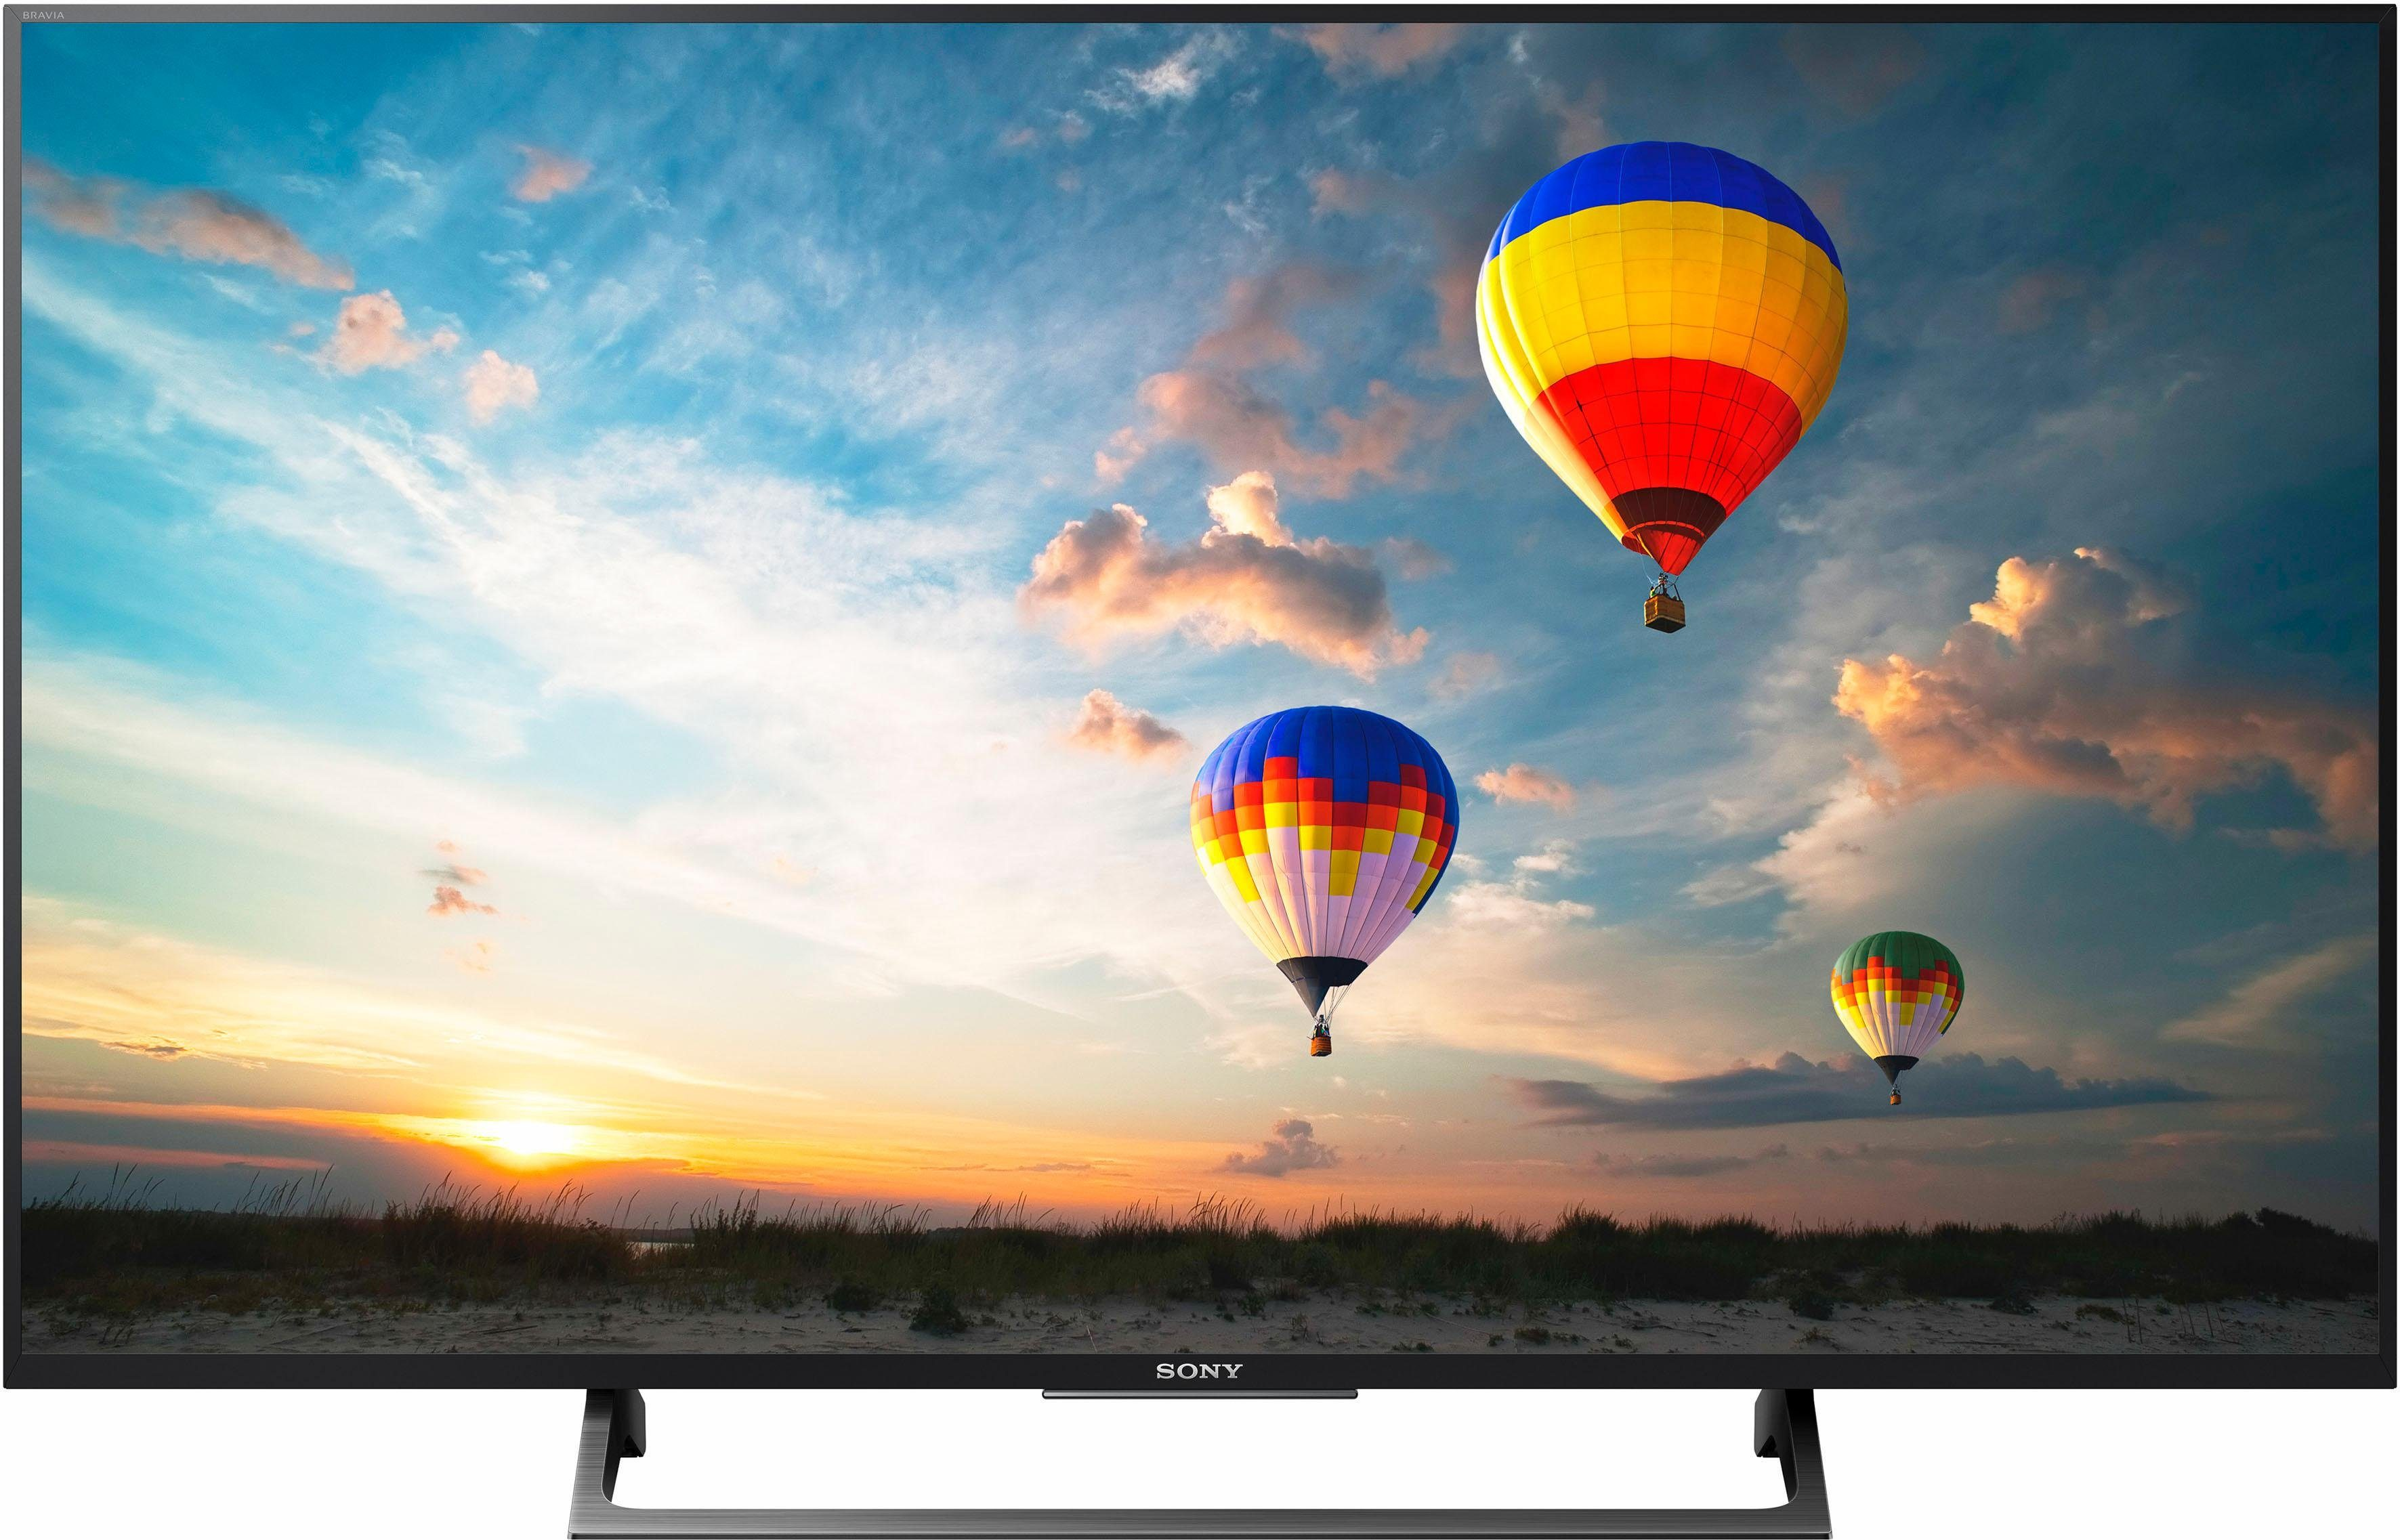 Sony KD55XE8096 LED-Fernseher (55 Zoll, 4K Ultra HD, Smart-TV)